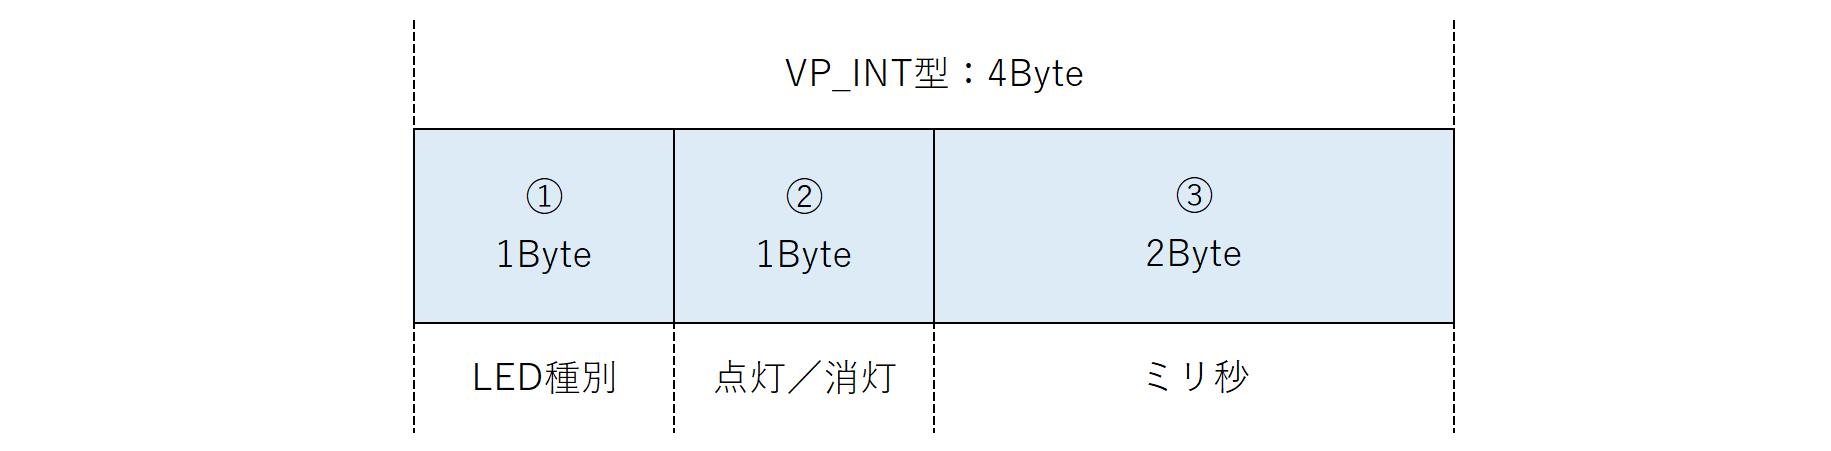 データフォーマット